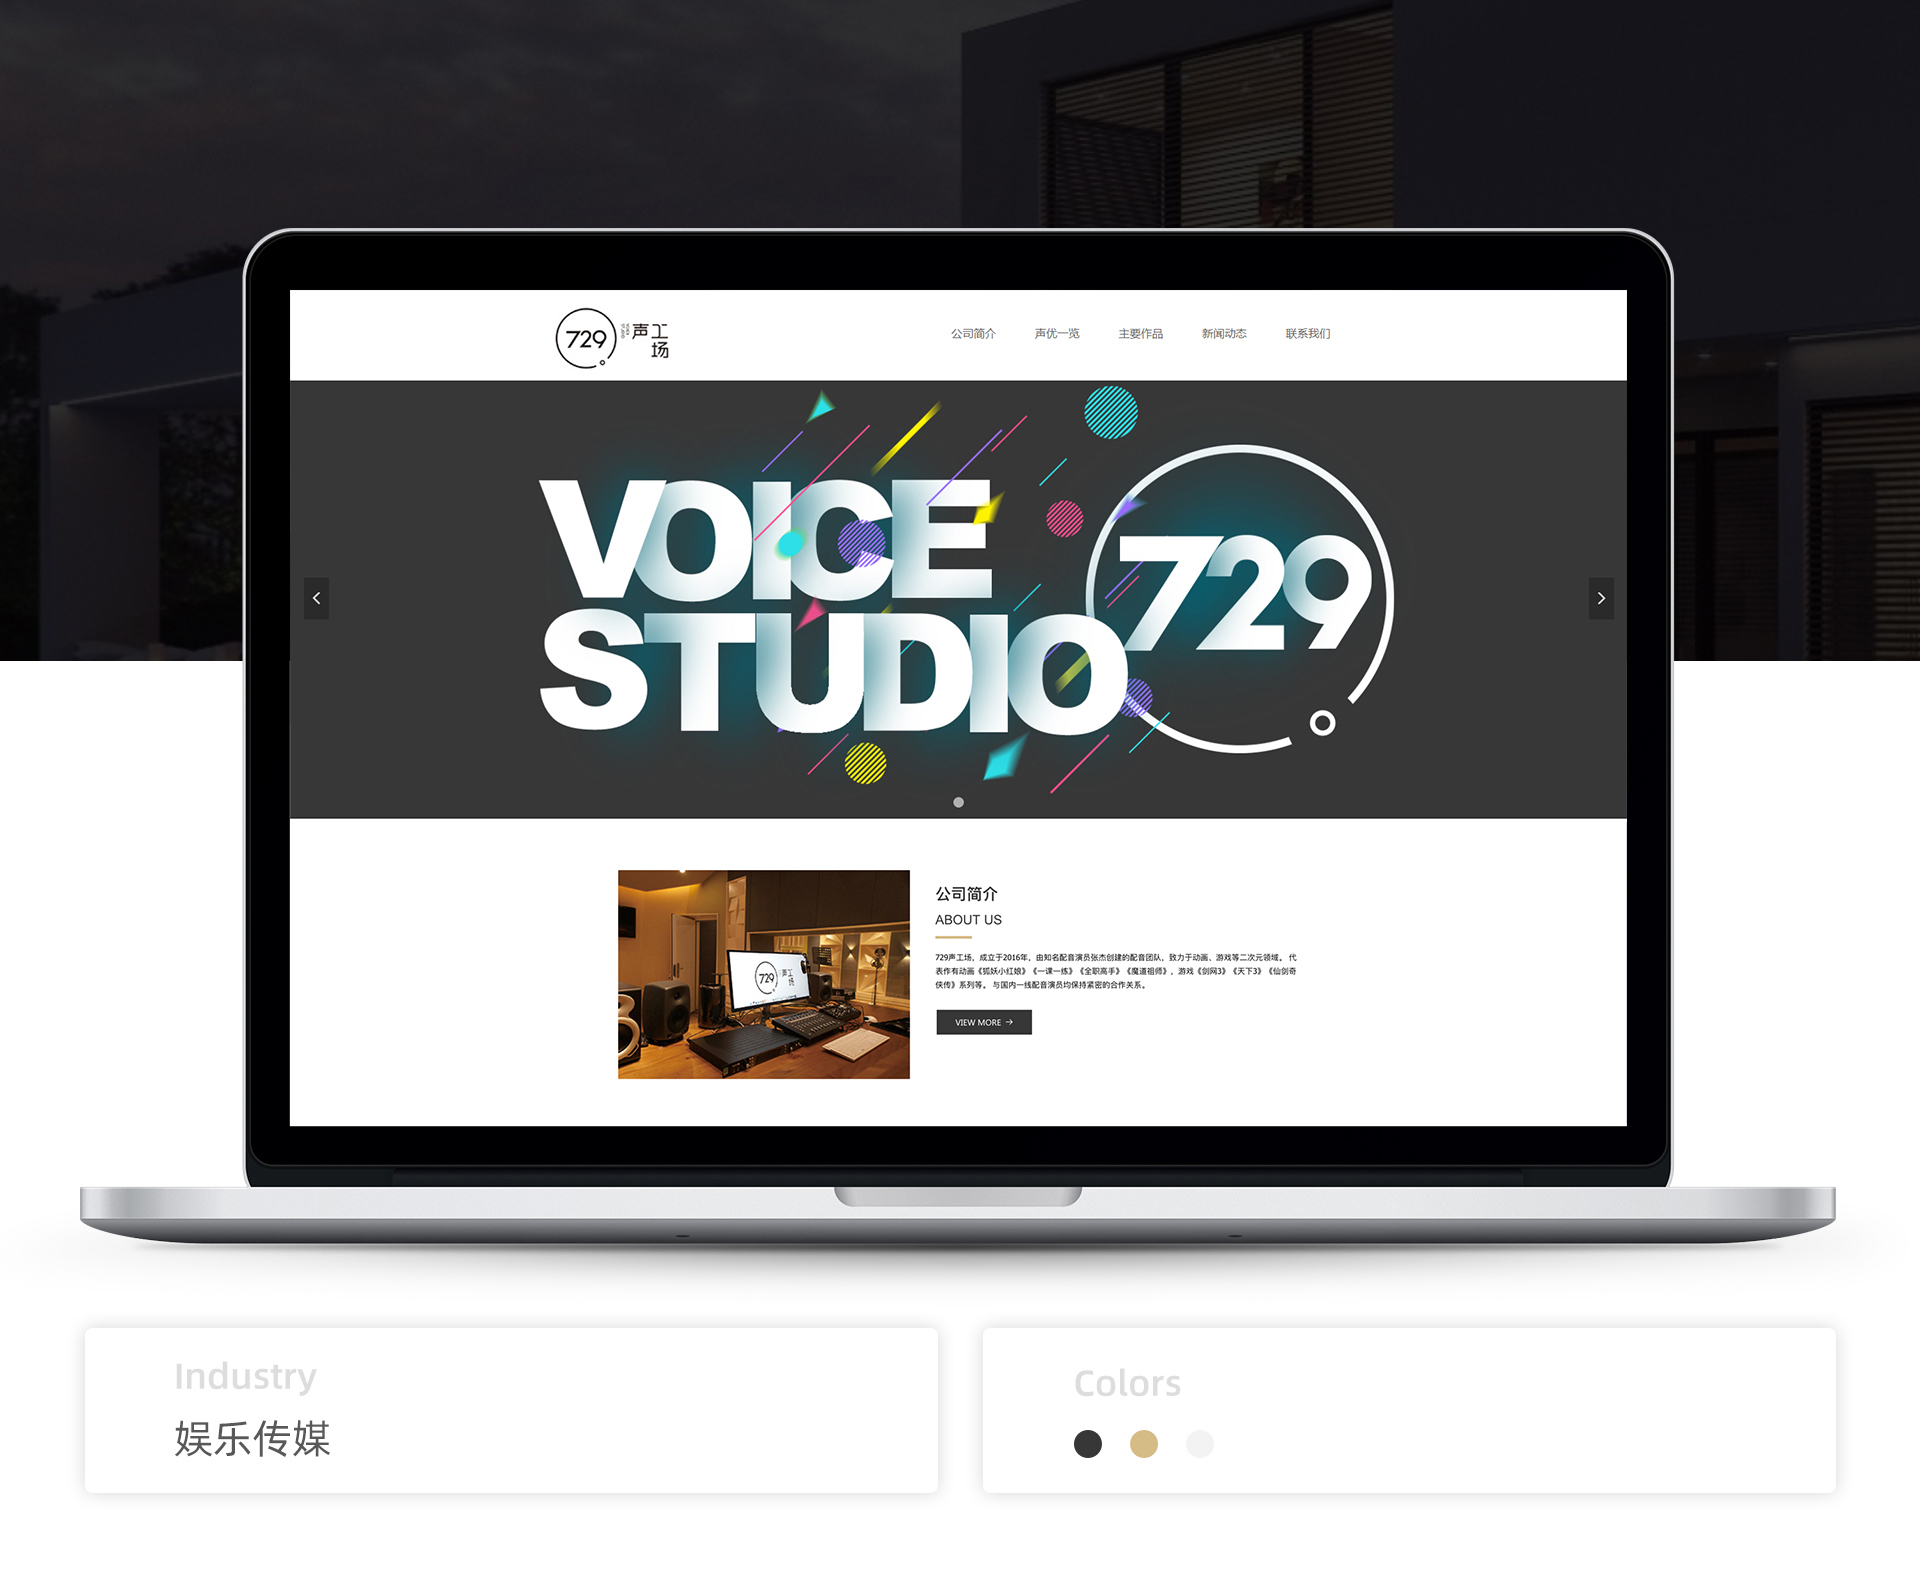 河北聚梦-张小乐-729s声工场_01